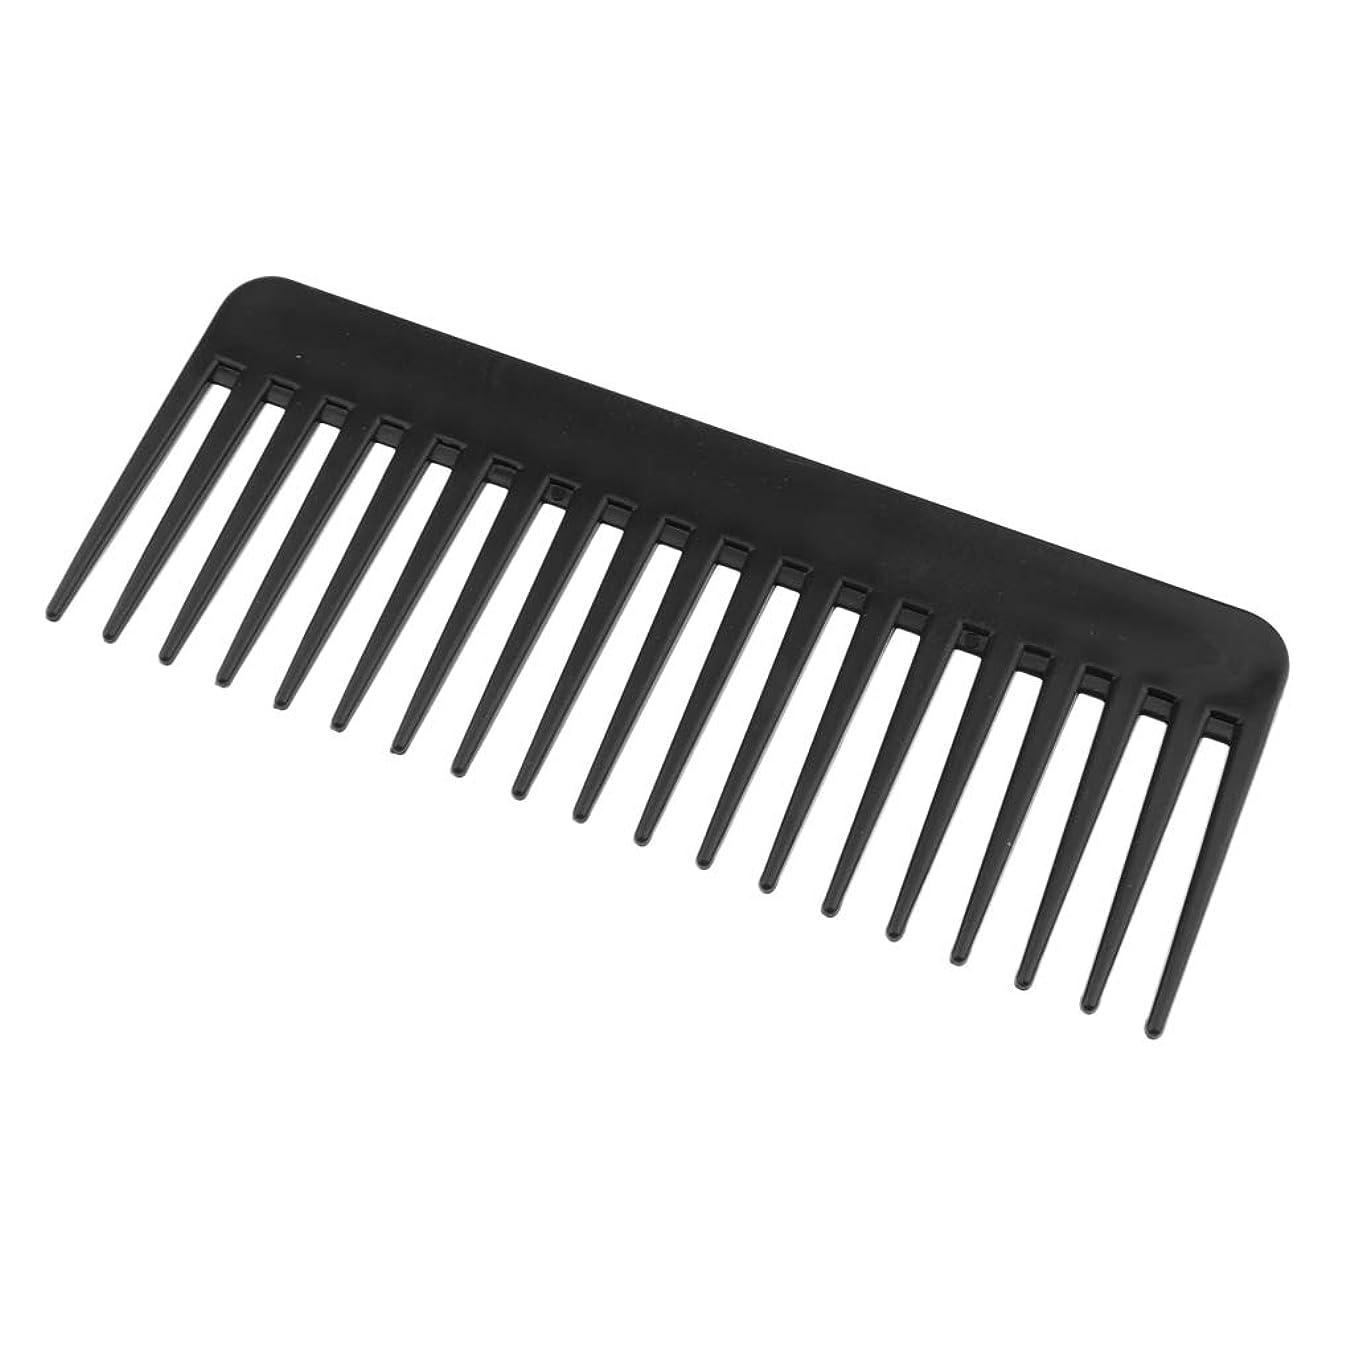 見るエゴイズムネックレスF Fityle 帯電防止くし プラスチック製 ヘアブラシ 丈夫 3色選べ - ブラック